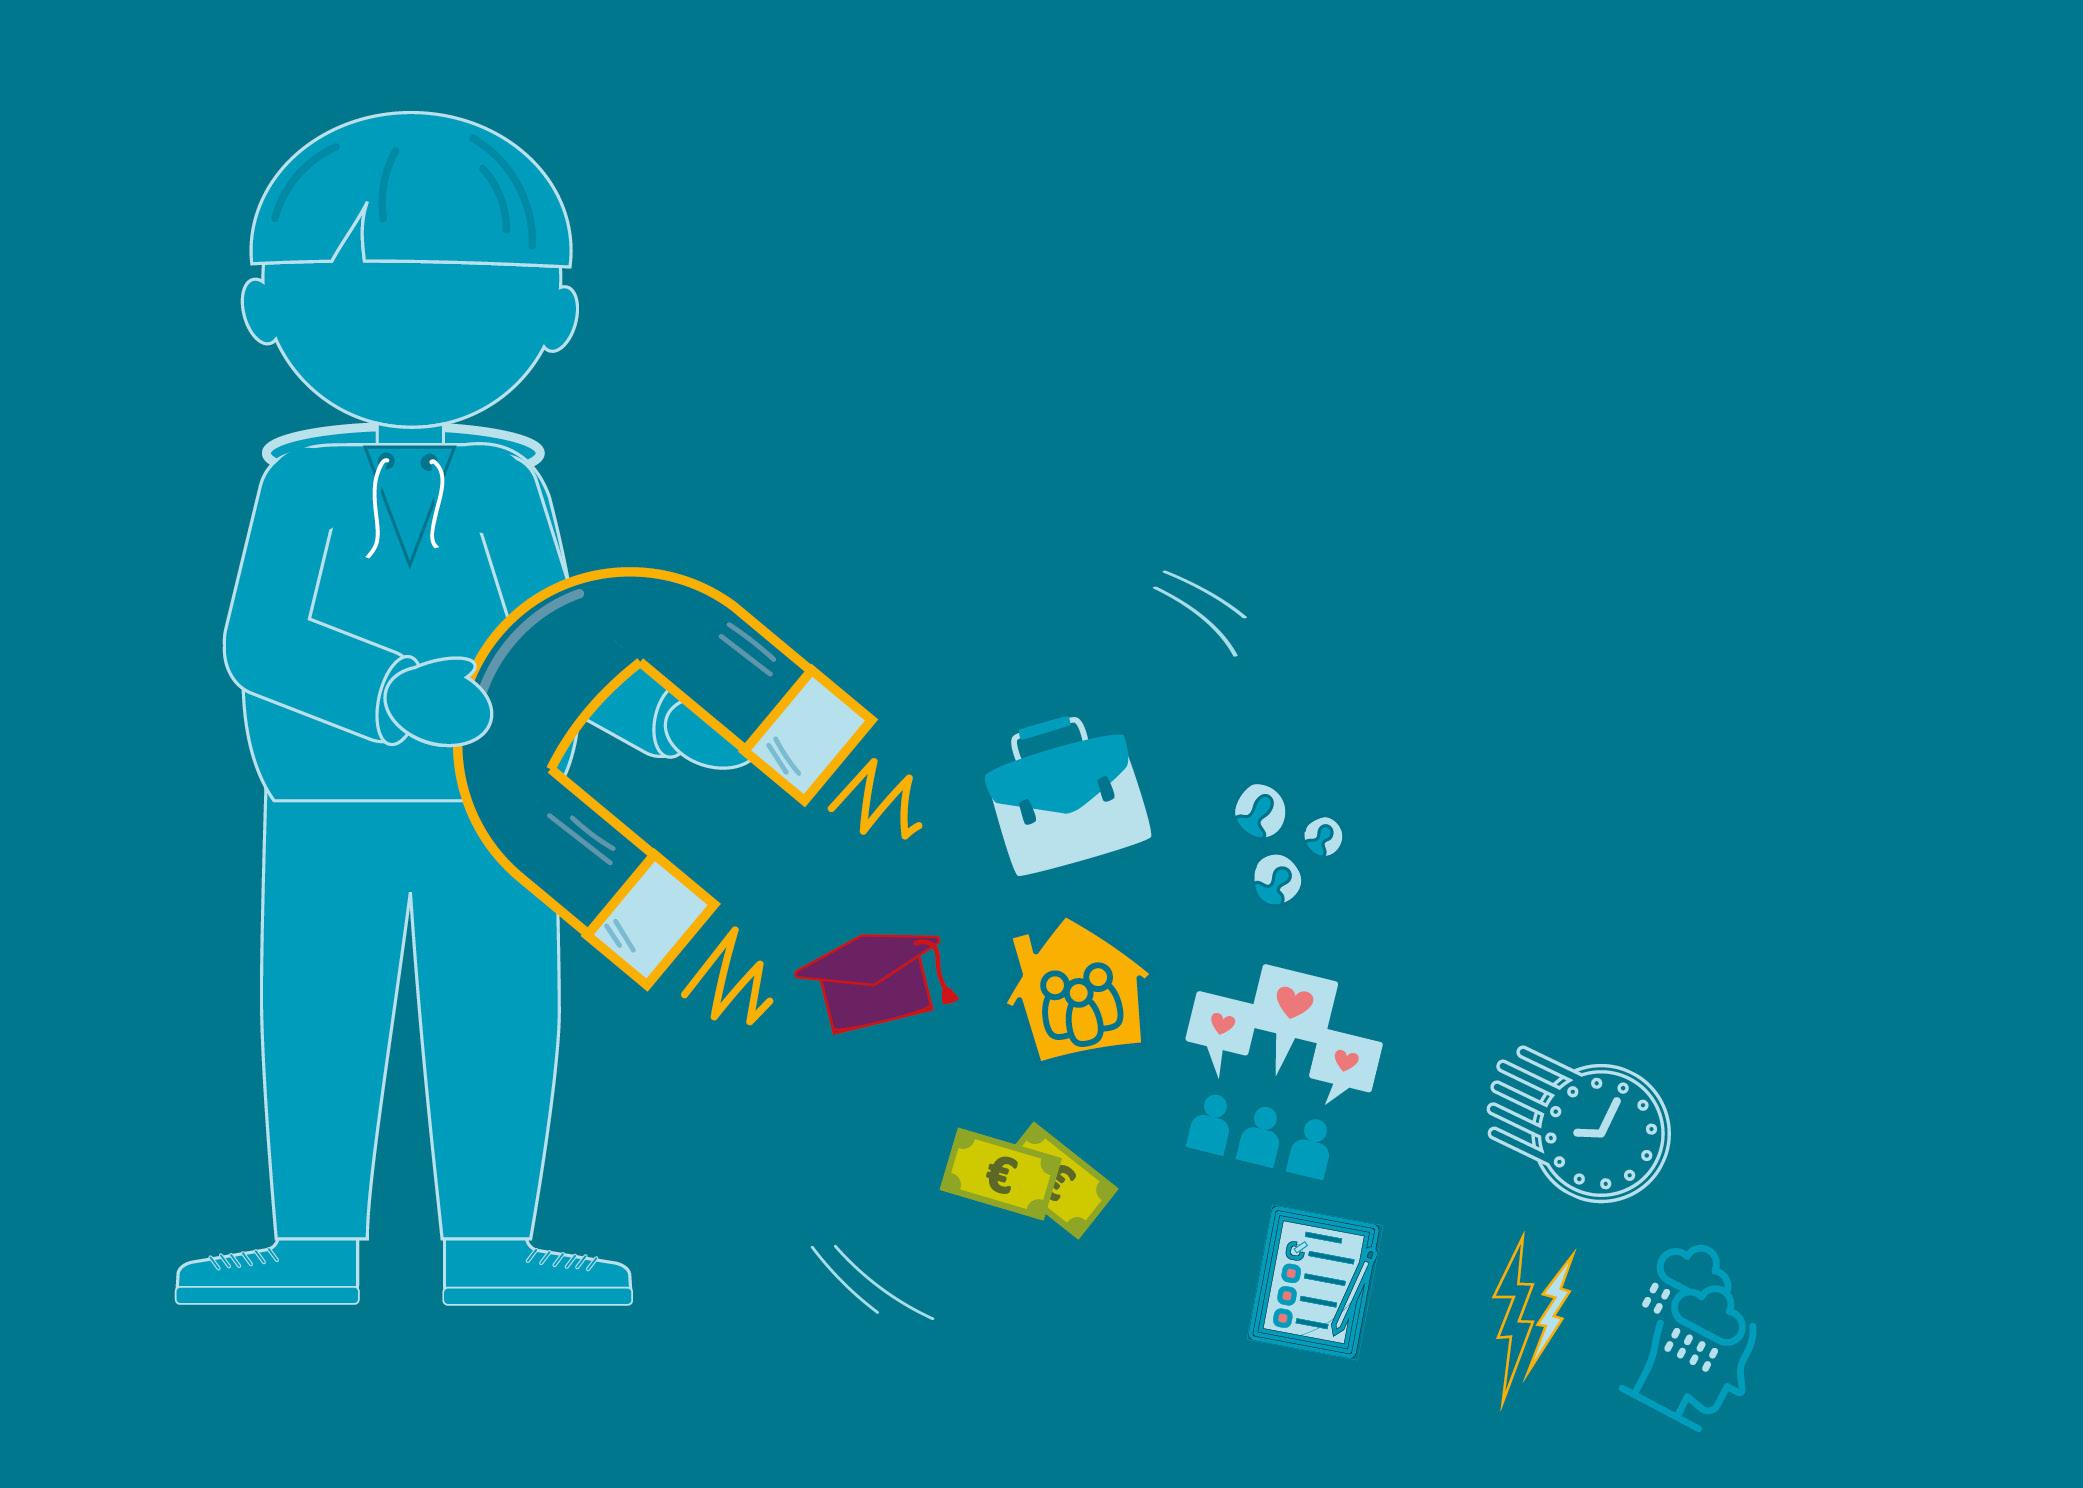 Lapsen vuoksi – lastensuojelun sijaishuollon onnistuminen edellyttää työntekijöiden pysyvyyttä